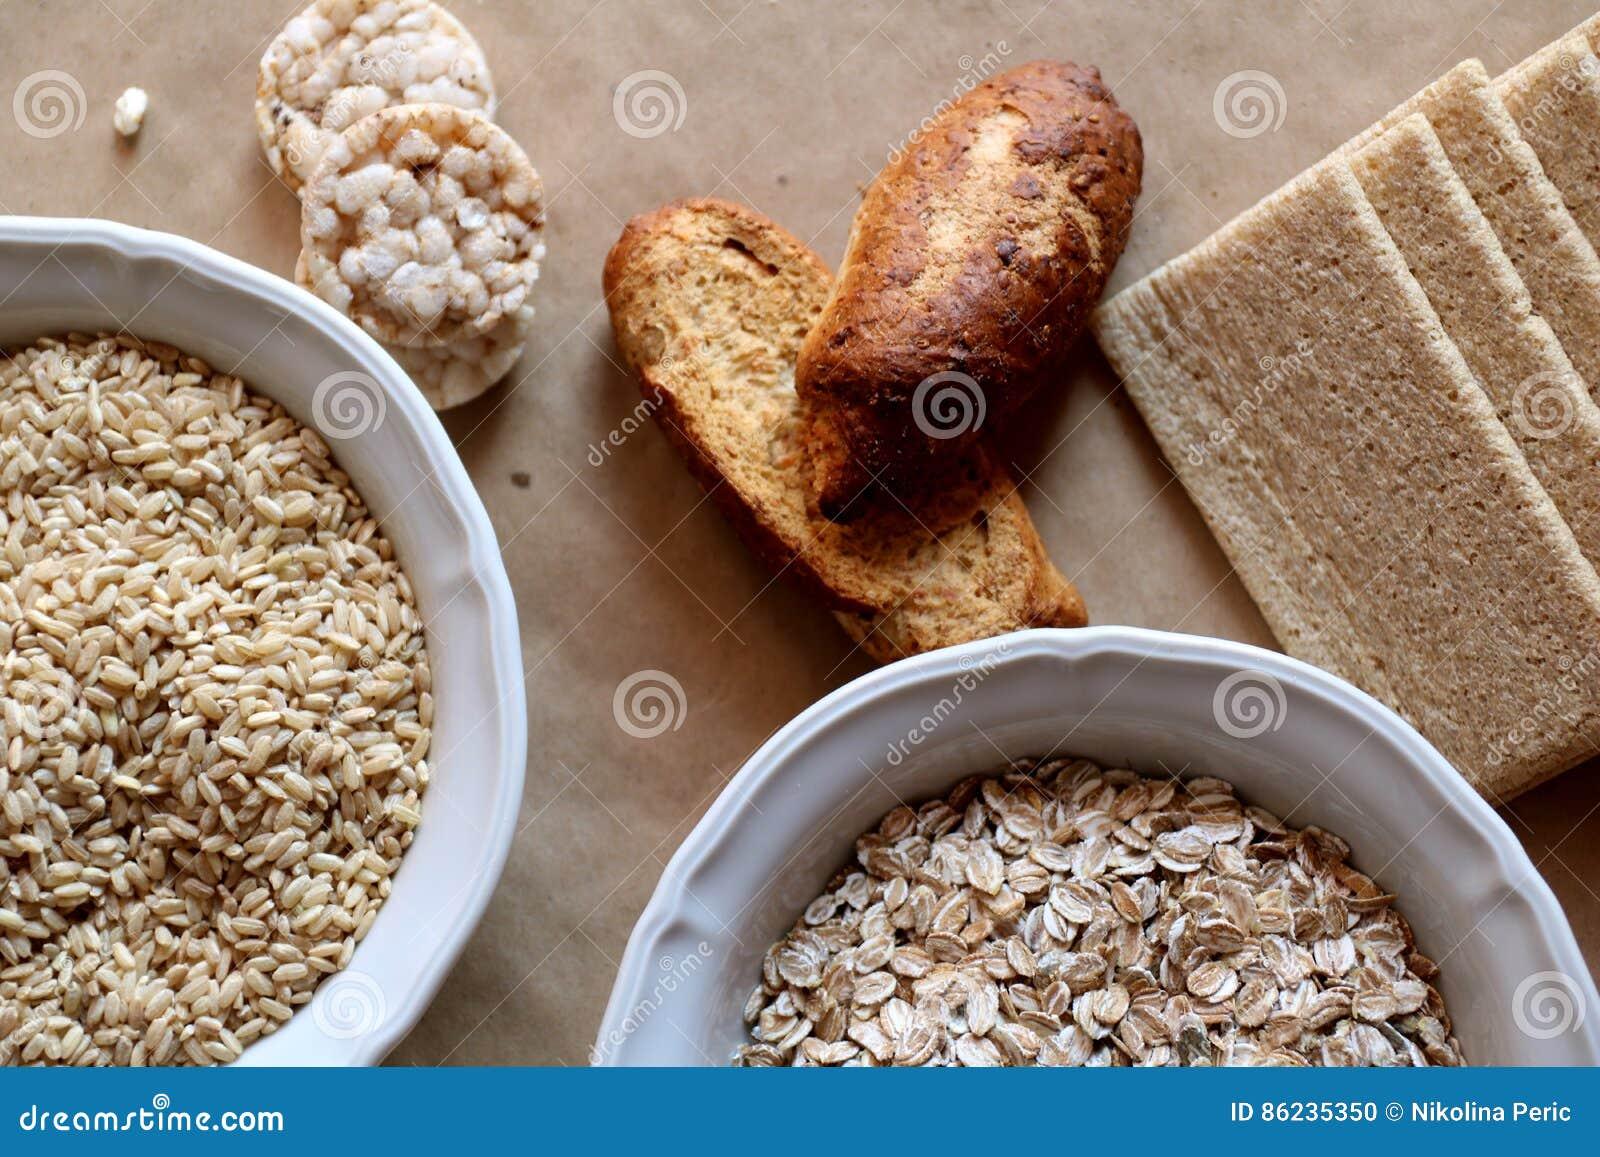 燕麦和米在碗 米糕和面包在背景中 高碳水化合物的食物